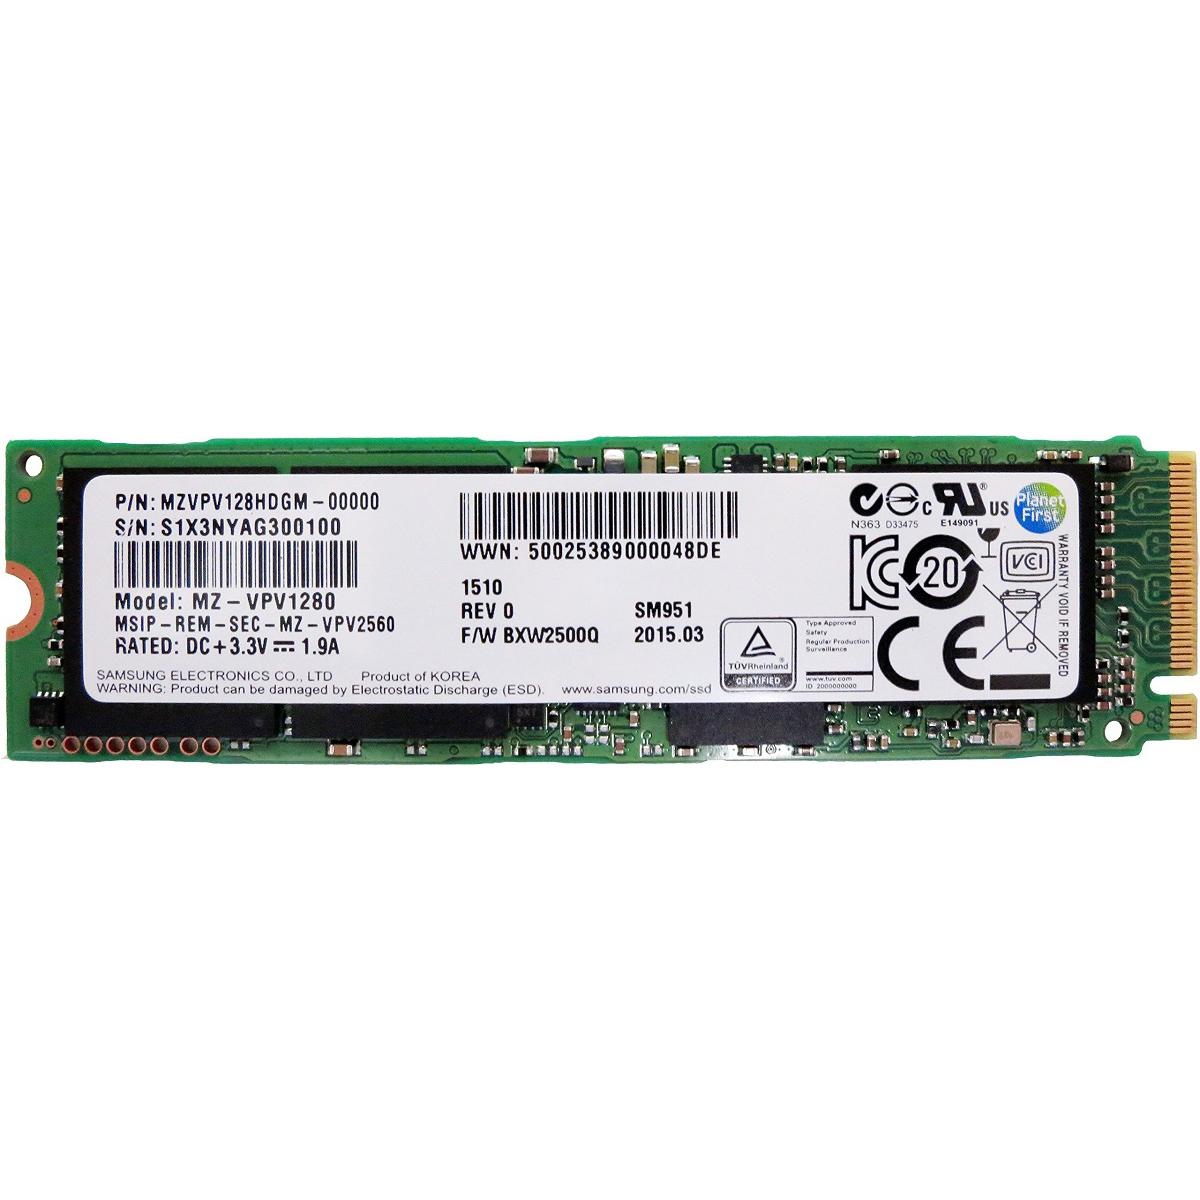 Giá SSD Laptop cũ chuẩn 2.5 inch, Msata, M2 sata, M2 PCIe 128G 256G Ở Gò Vấp - 14